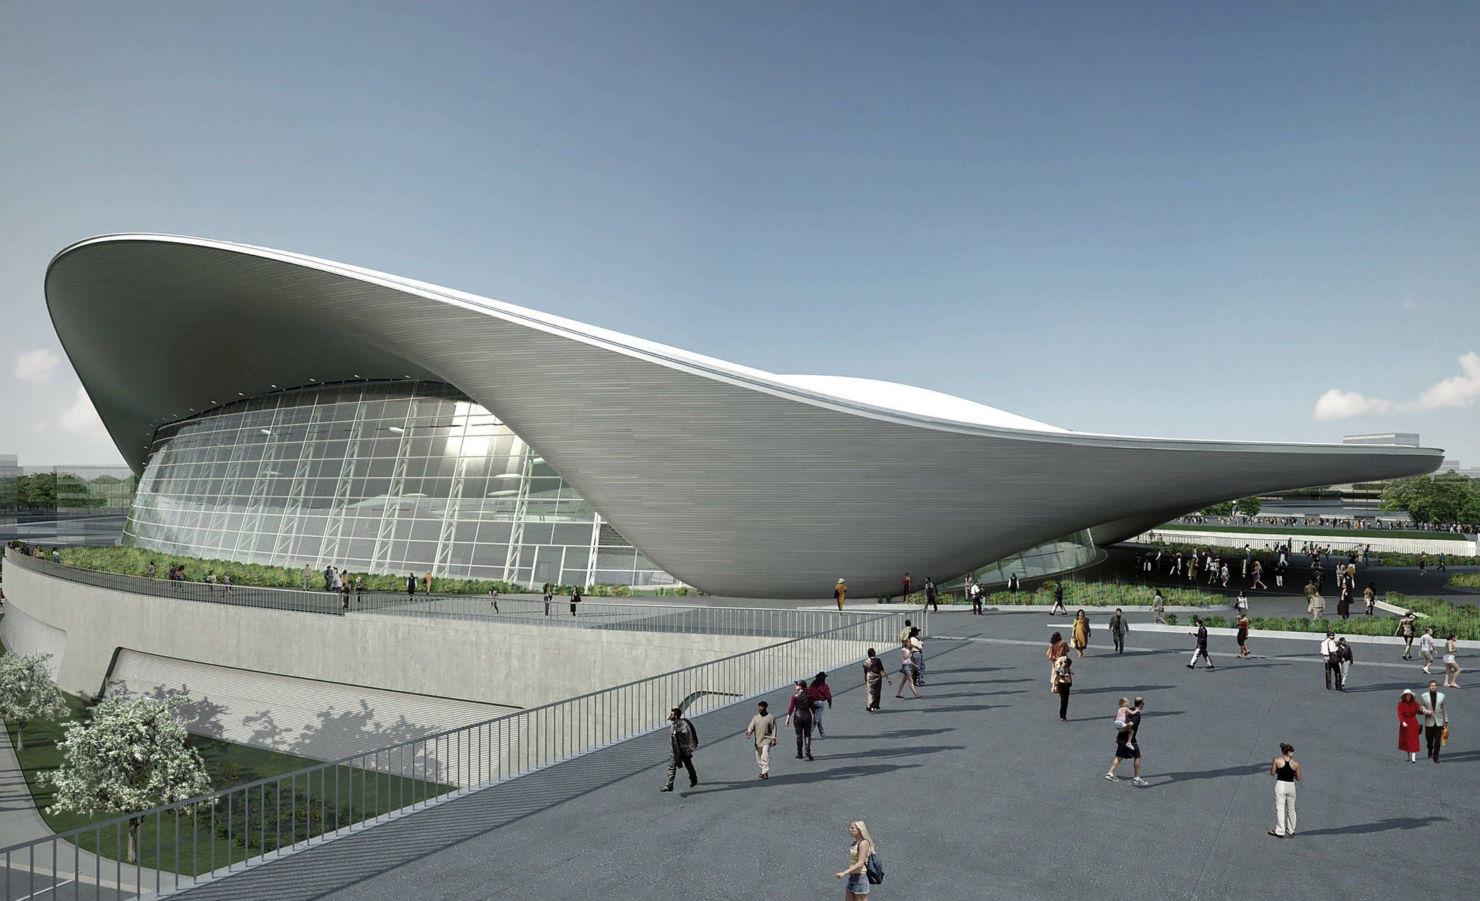 Disfruta los mejores edificios de Zaha Hadid a través de este recorrido virtual